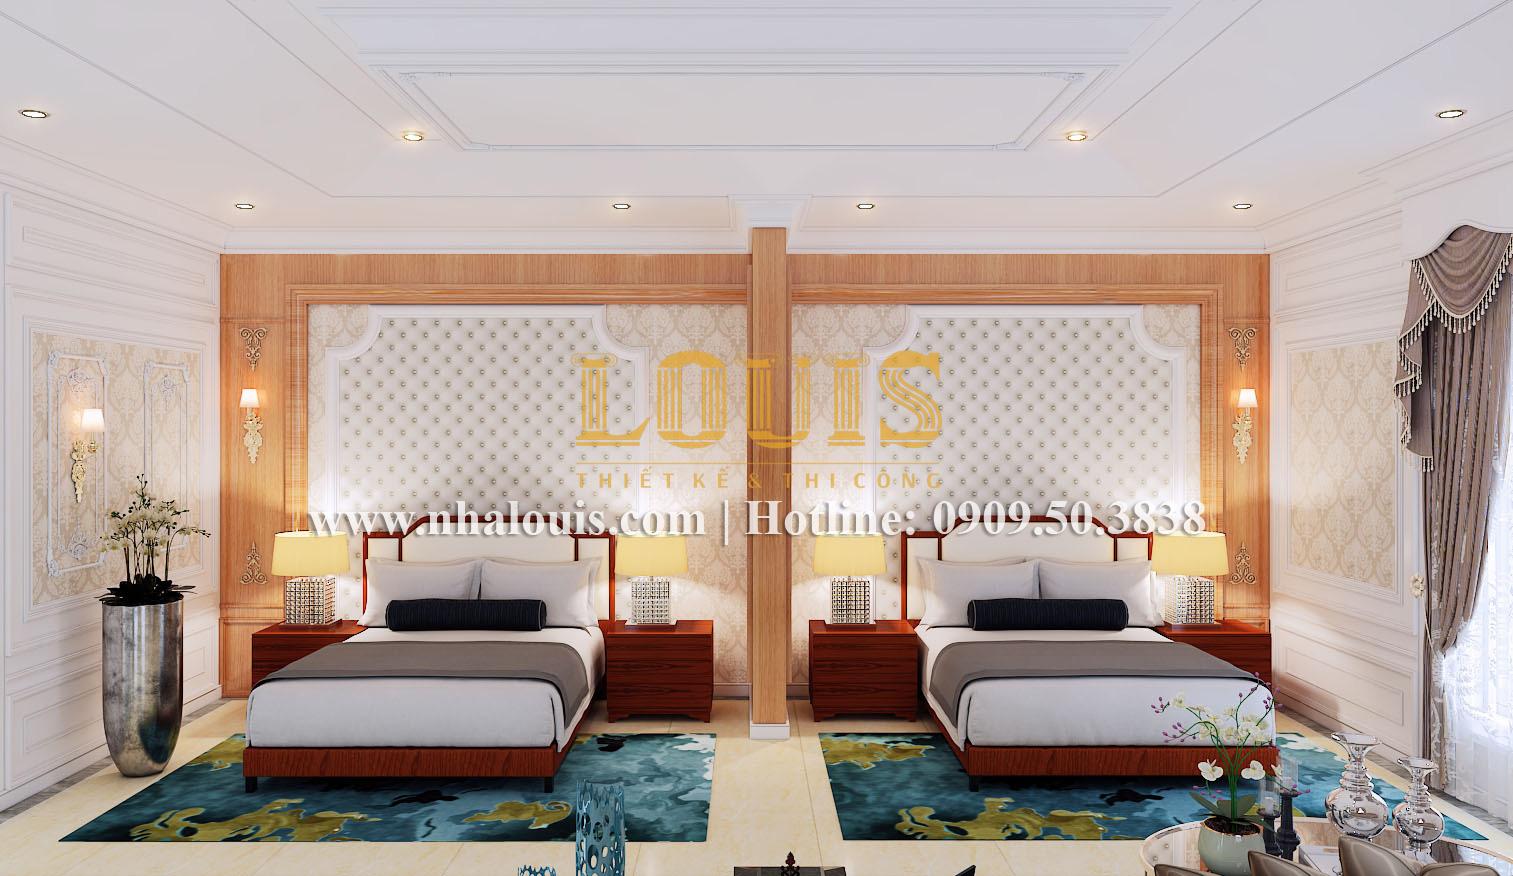 Phòng ngủ Mẫu biệt thự kiến trúc Pháp tại Đồng Nai đẹp hoa lệ - 29